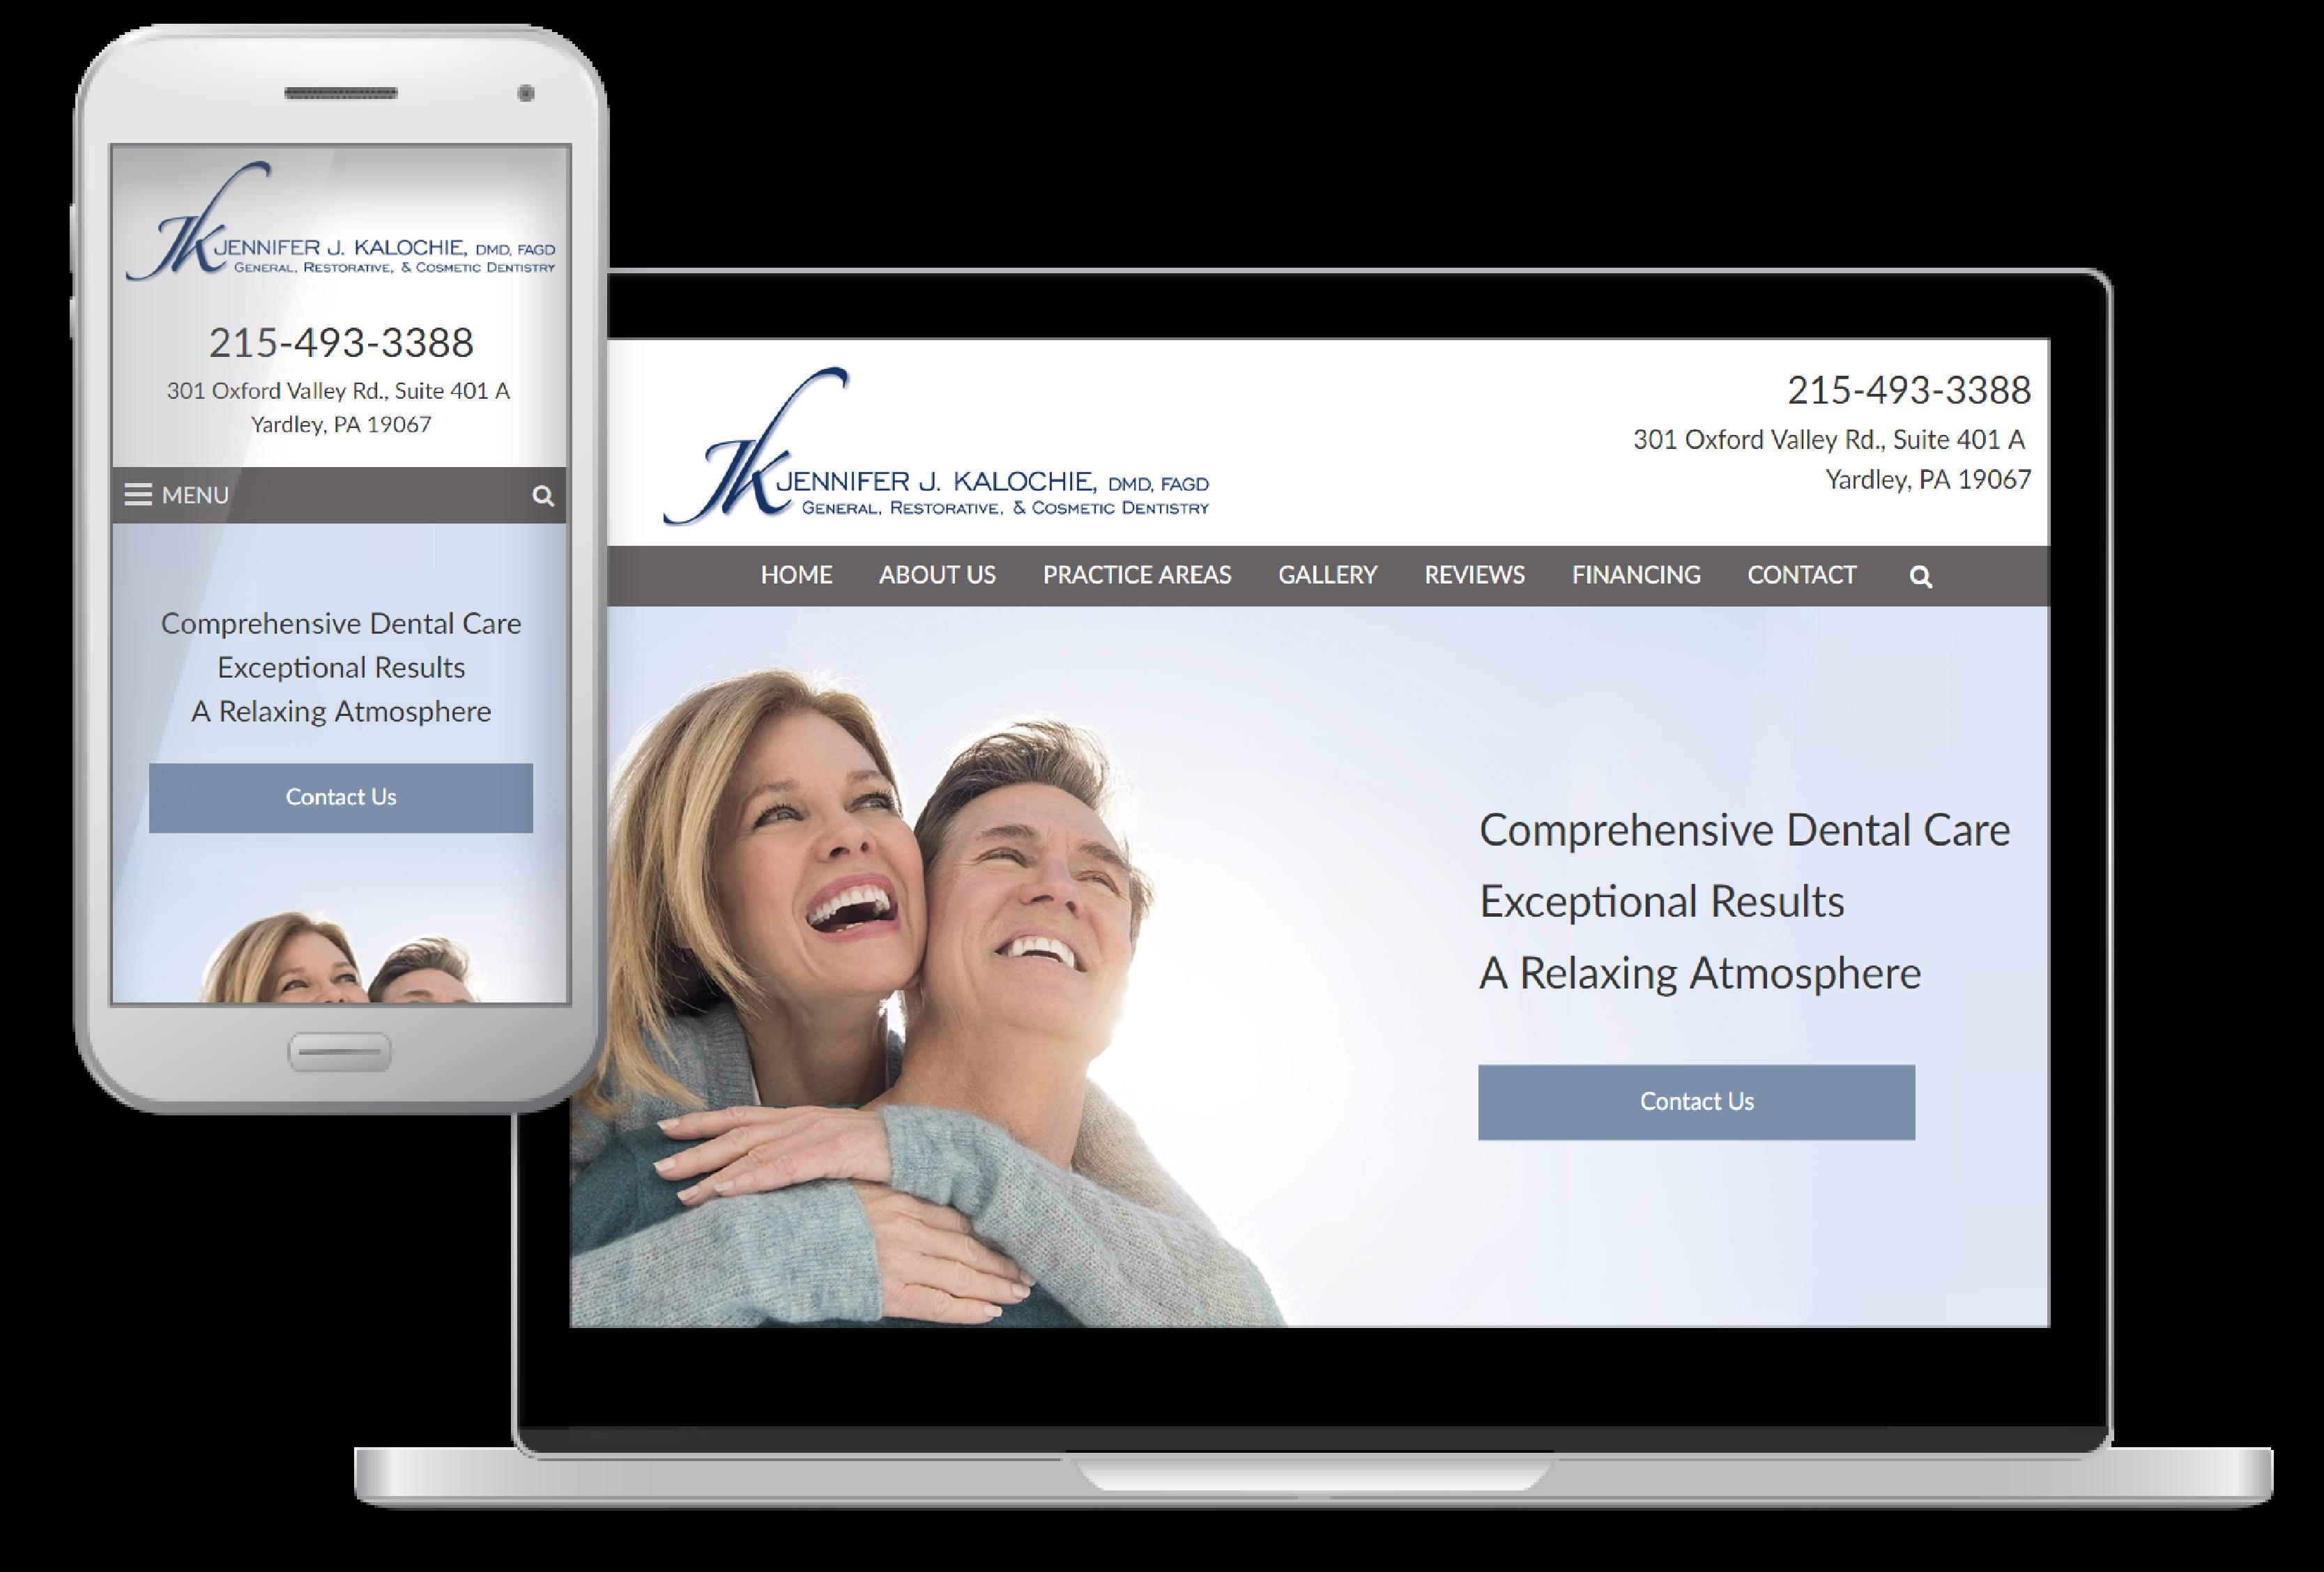 website design for Jennifer Kalochie, DMD